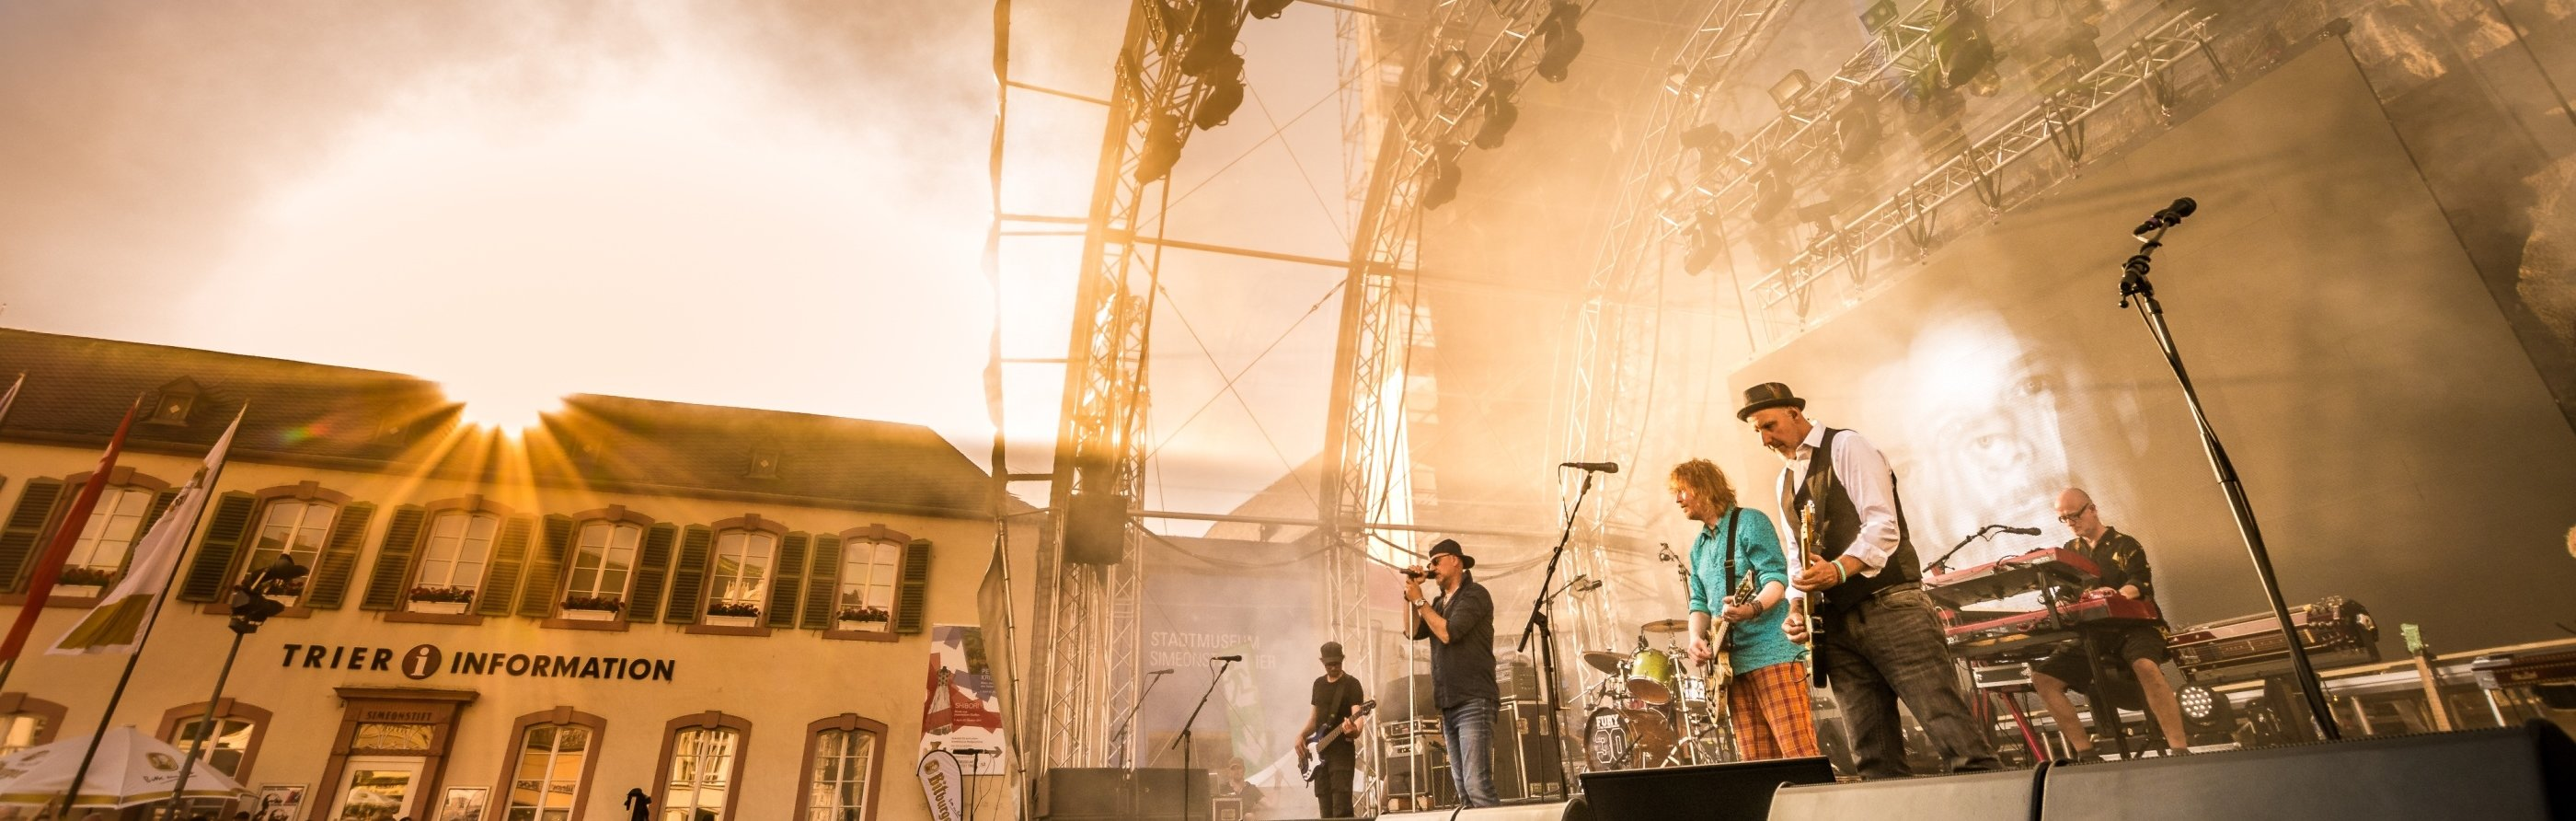 Eine Band spielt beim Porta³ Musikfestival in Trier, Römerstadt